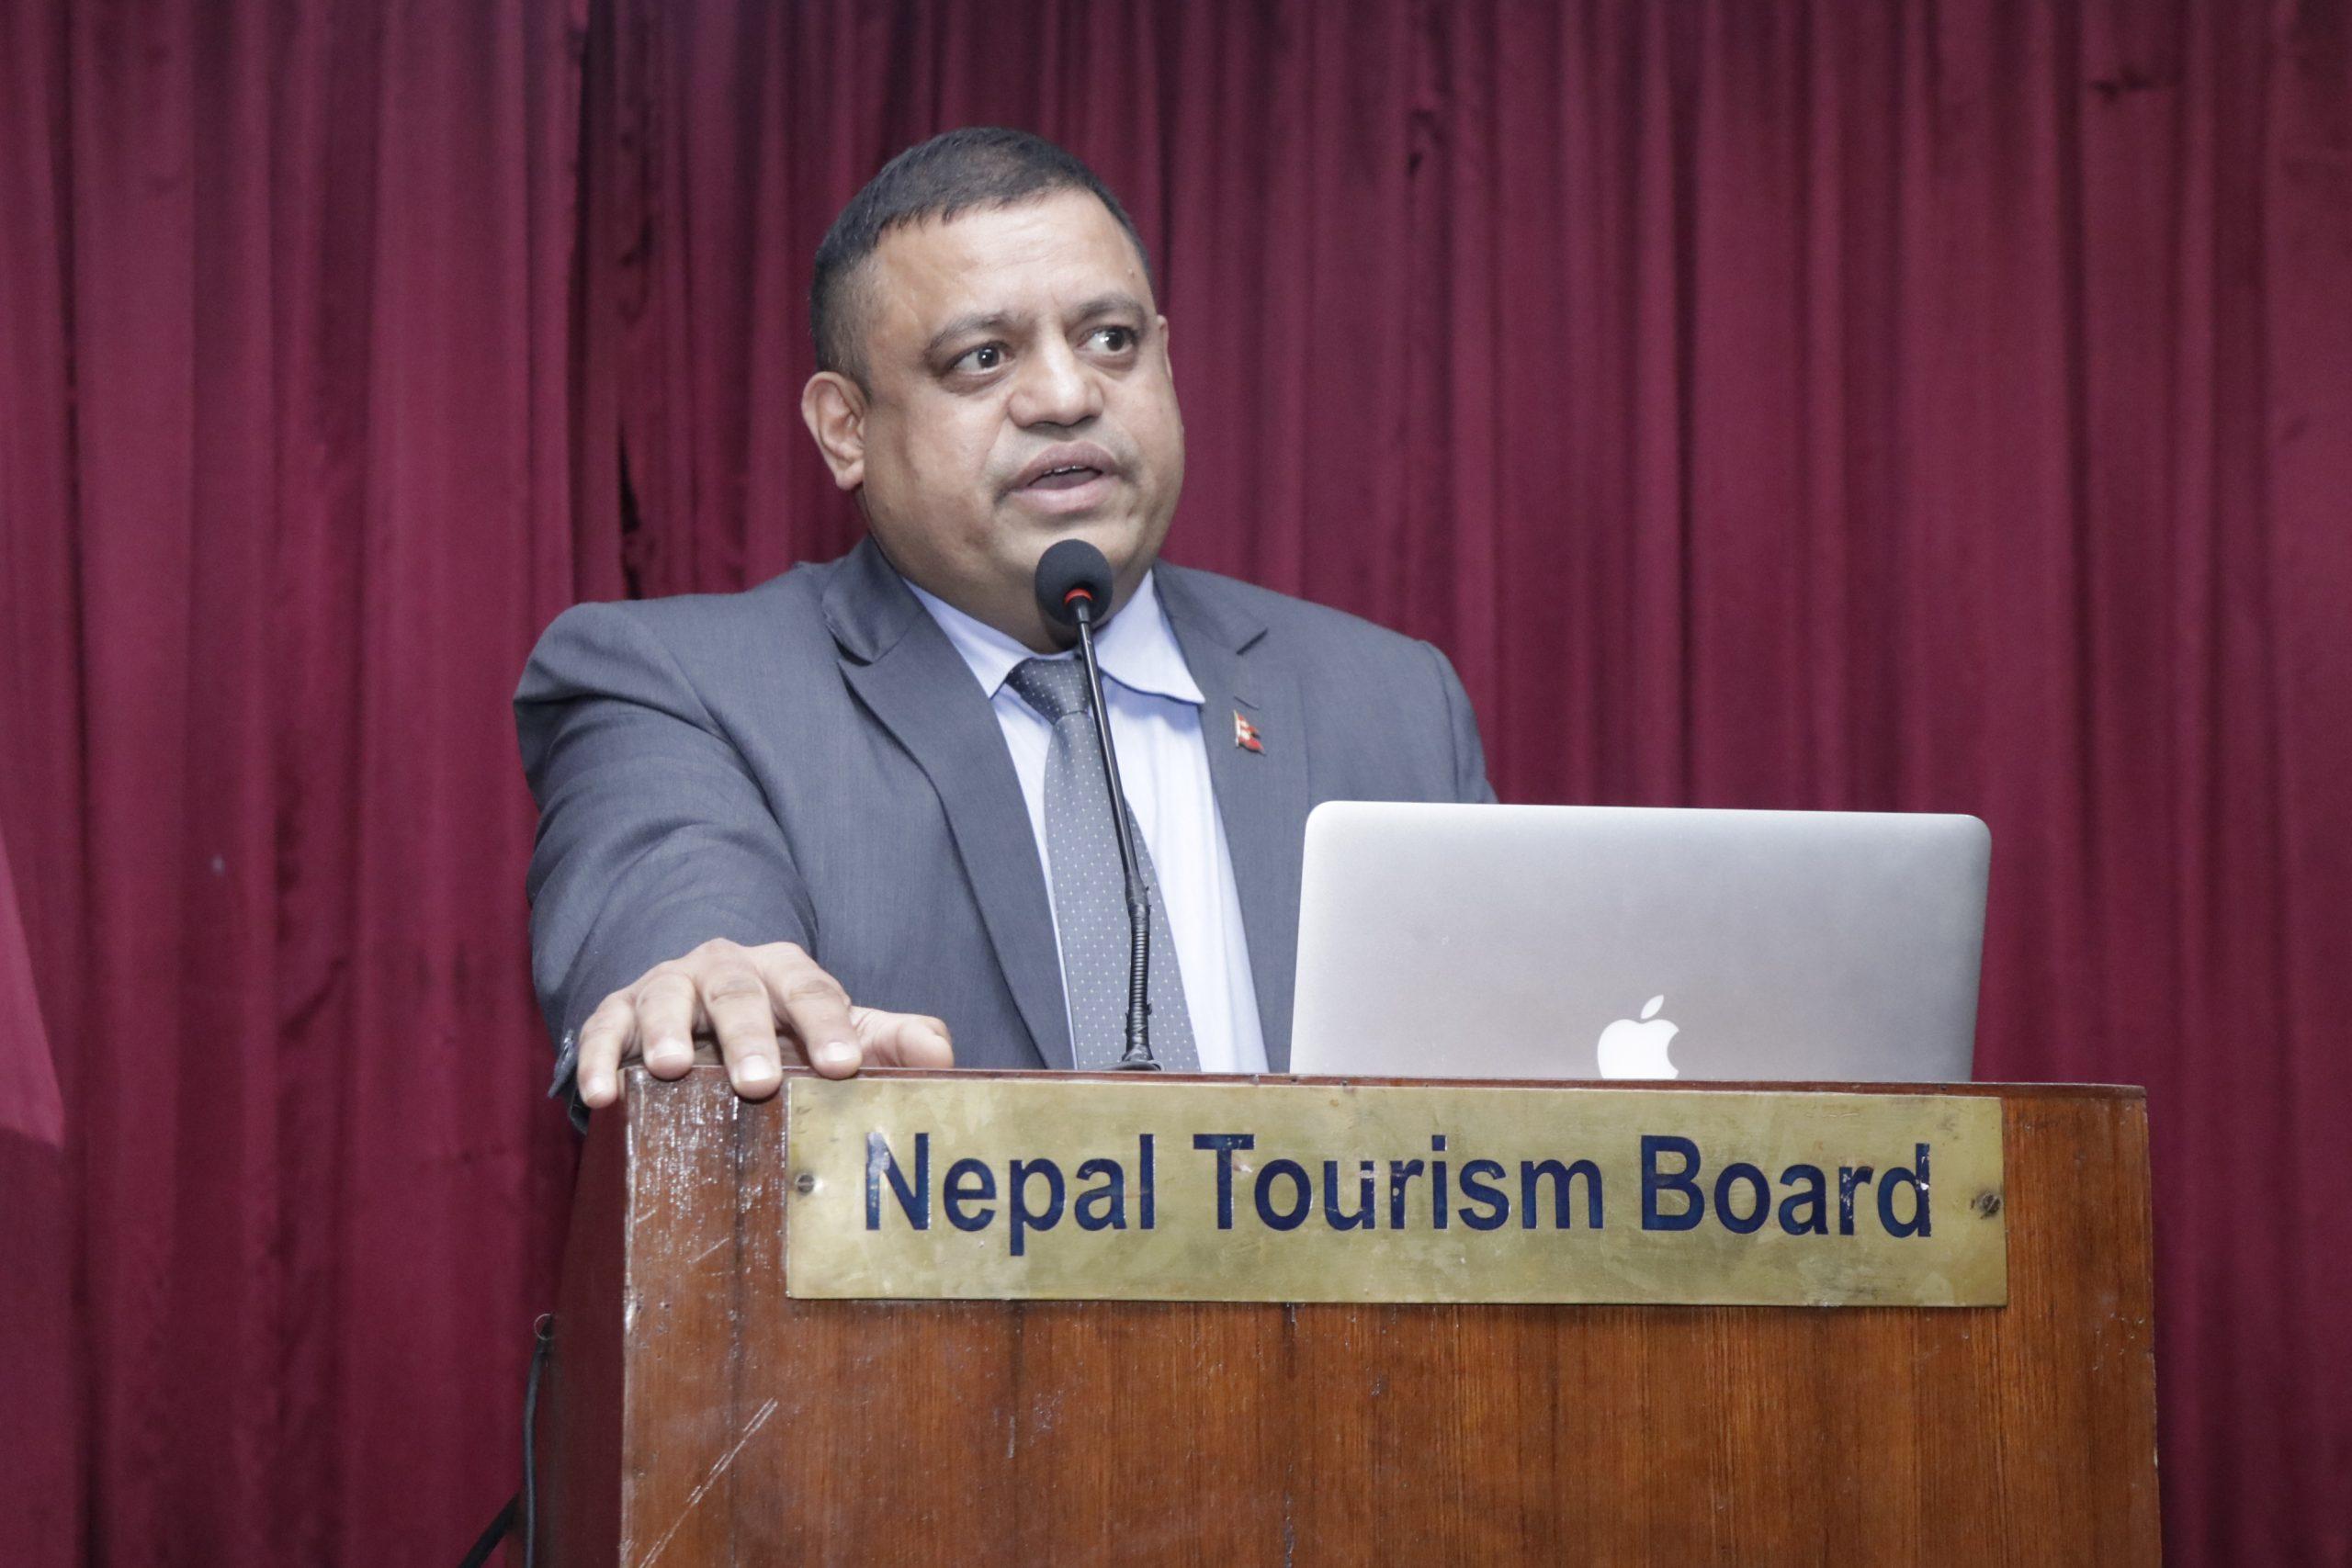 पर्यटन पुनरुत्थानका लागि नीतिगत सुधार बजेट ब्यवस्थापनमा जोड